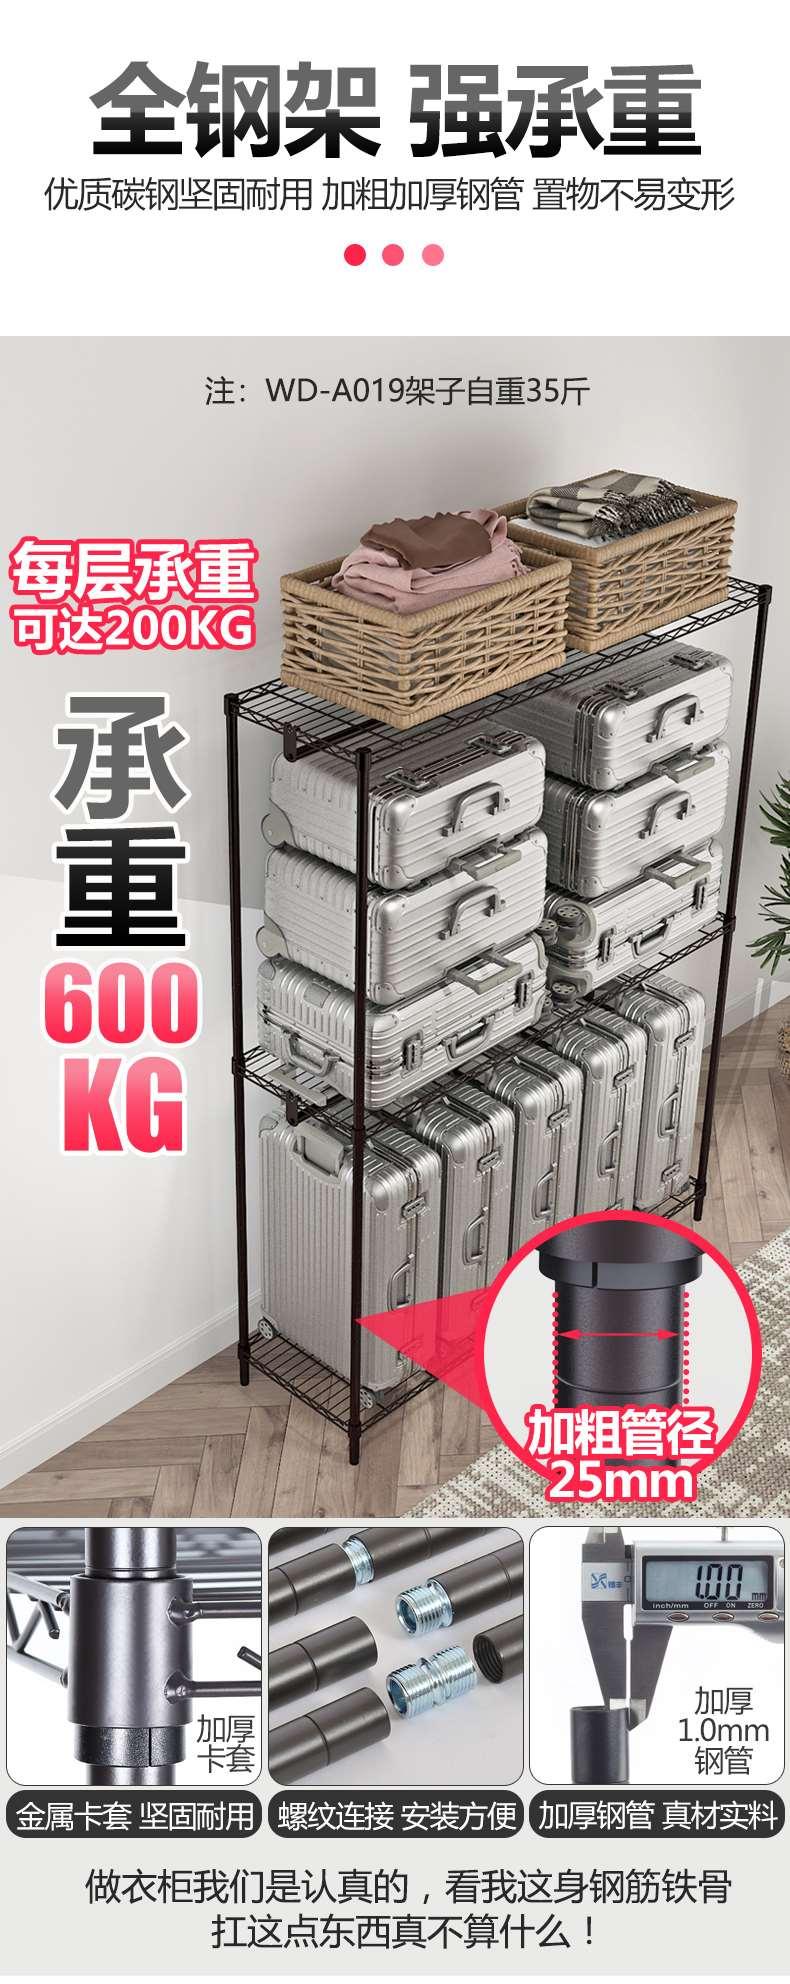 大容量组合简易布衣柜圆管可调节衣橱衣架-川井 (6)